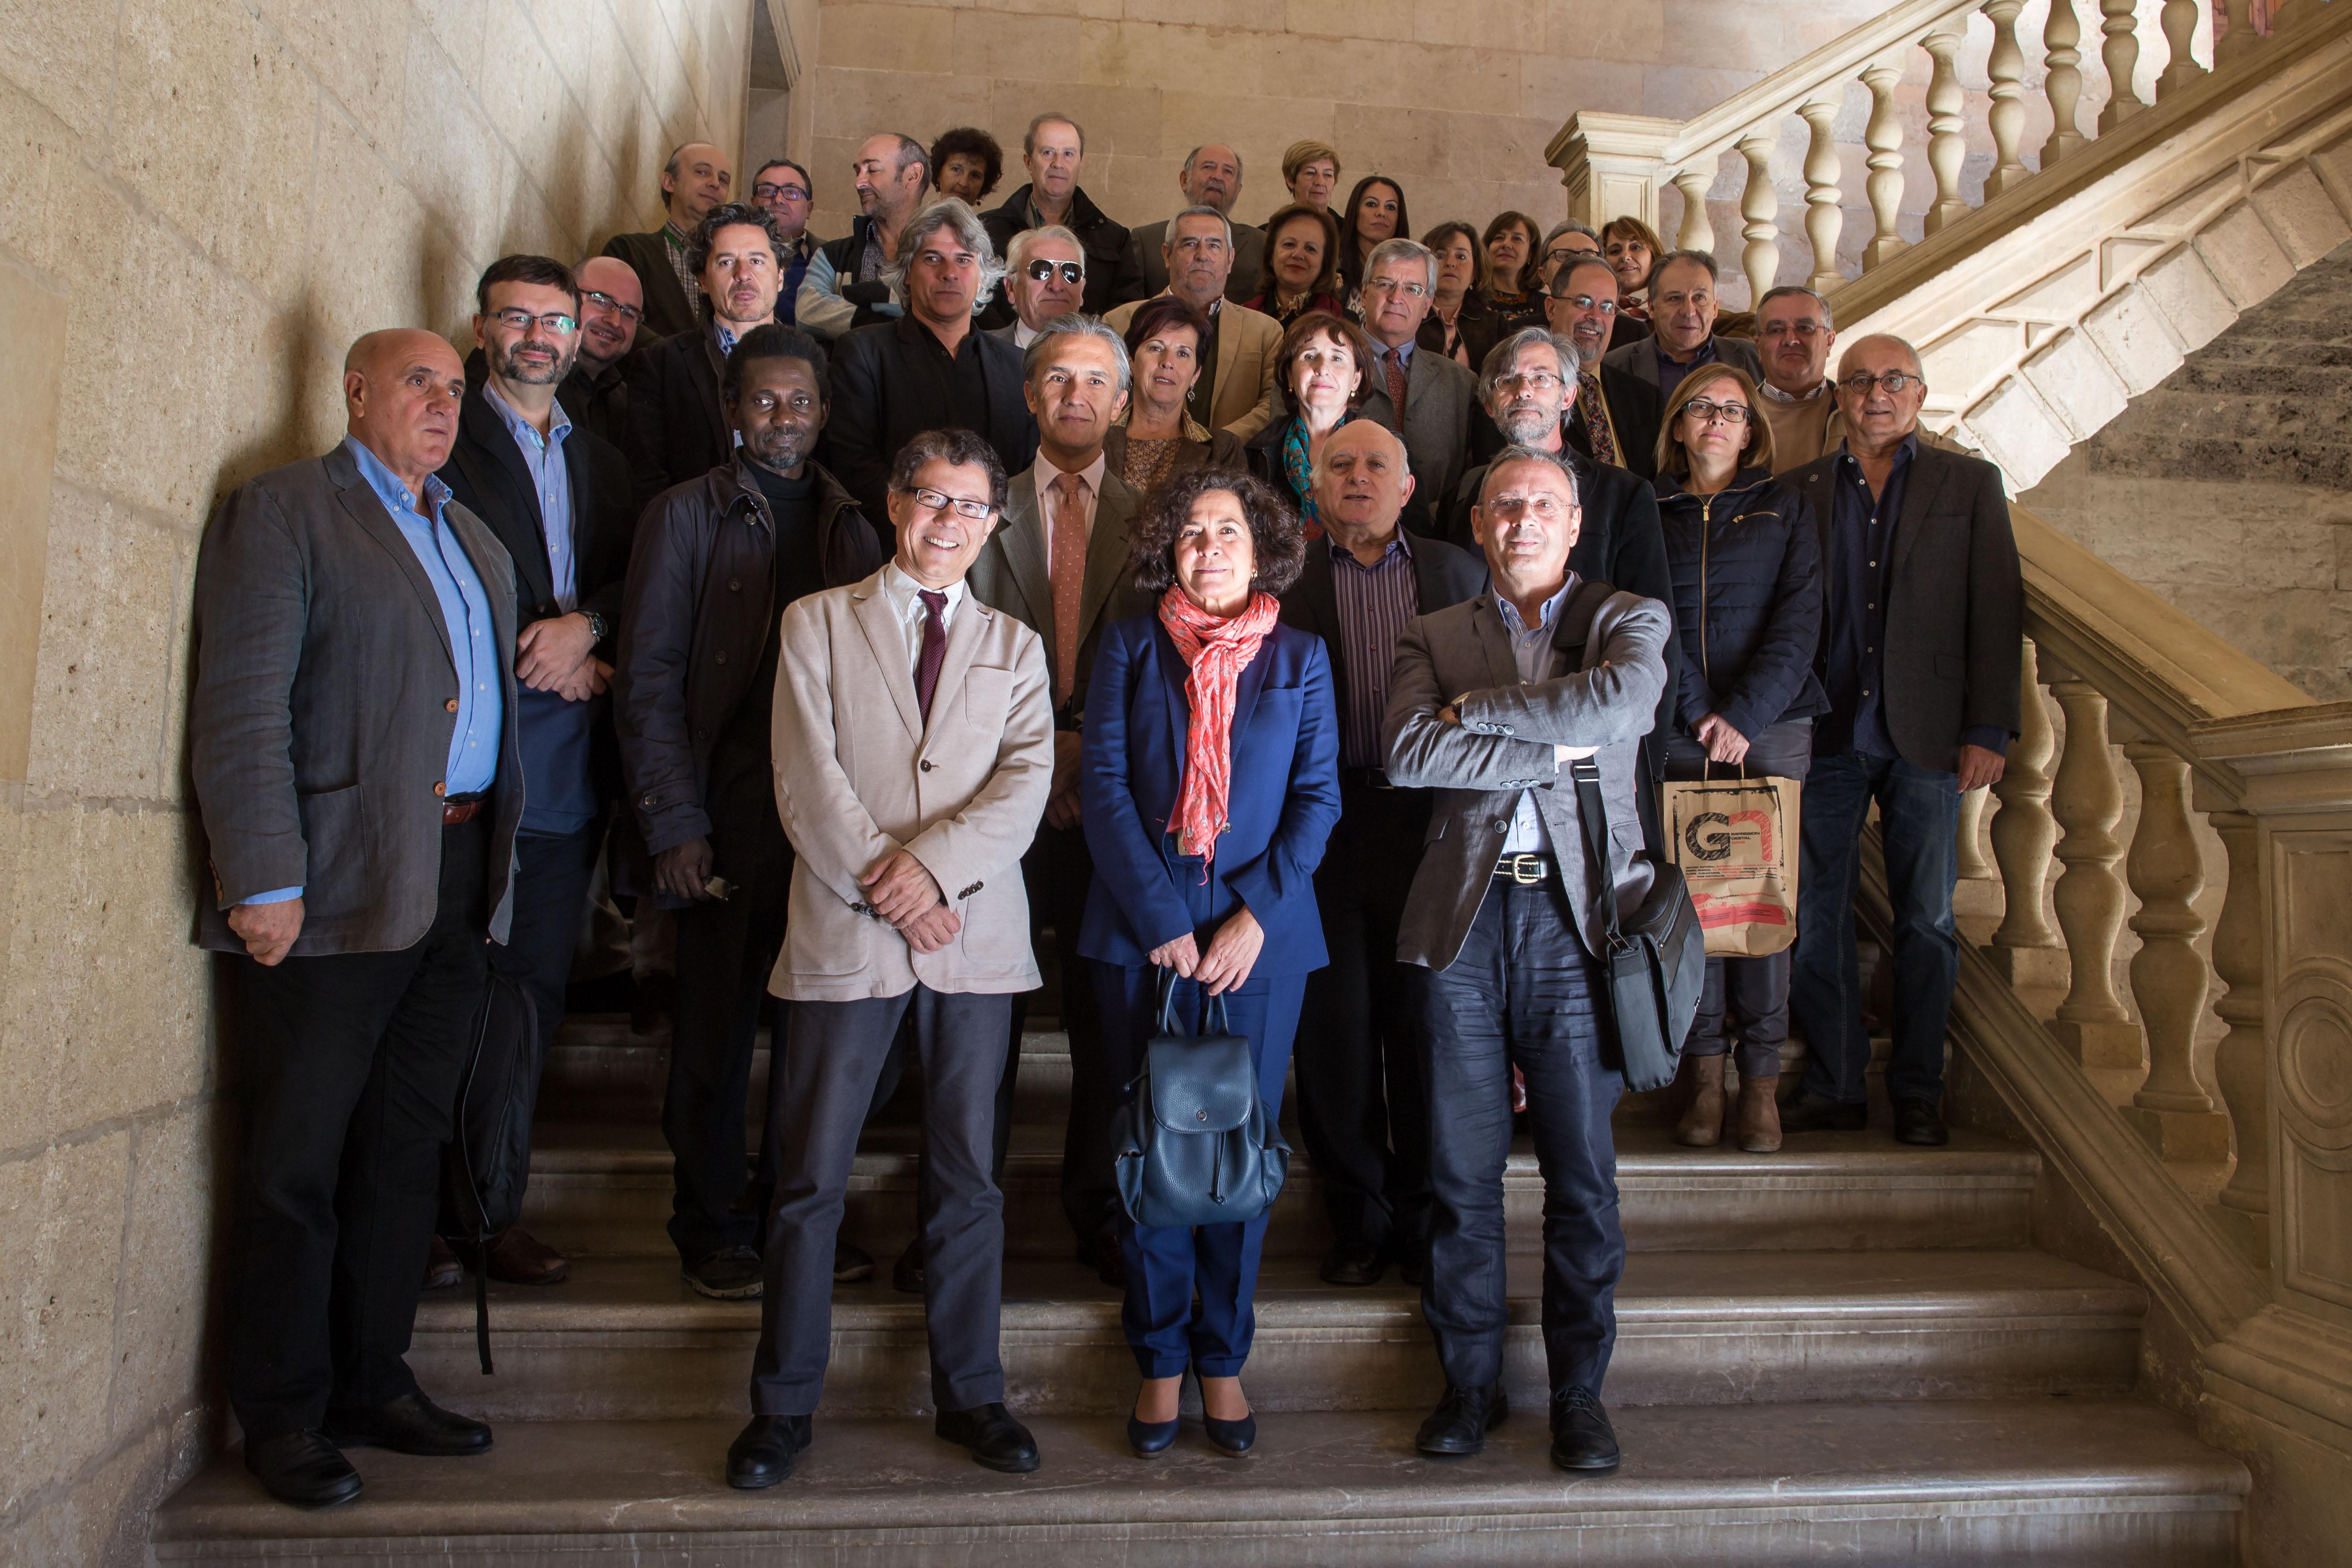 Un Comité Científico asesorará a la Alhambra como fuente de conocimiento en sus publicaciones editoriales